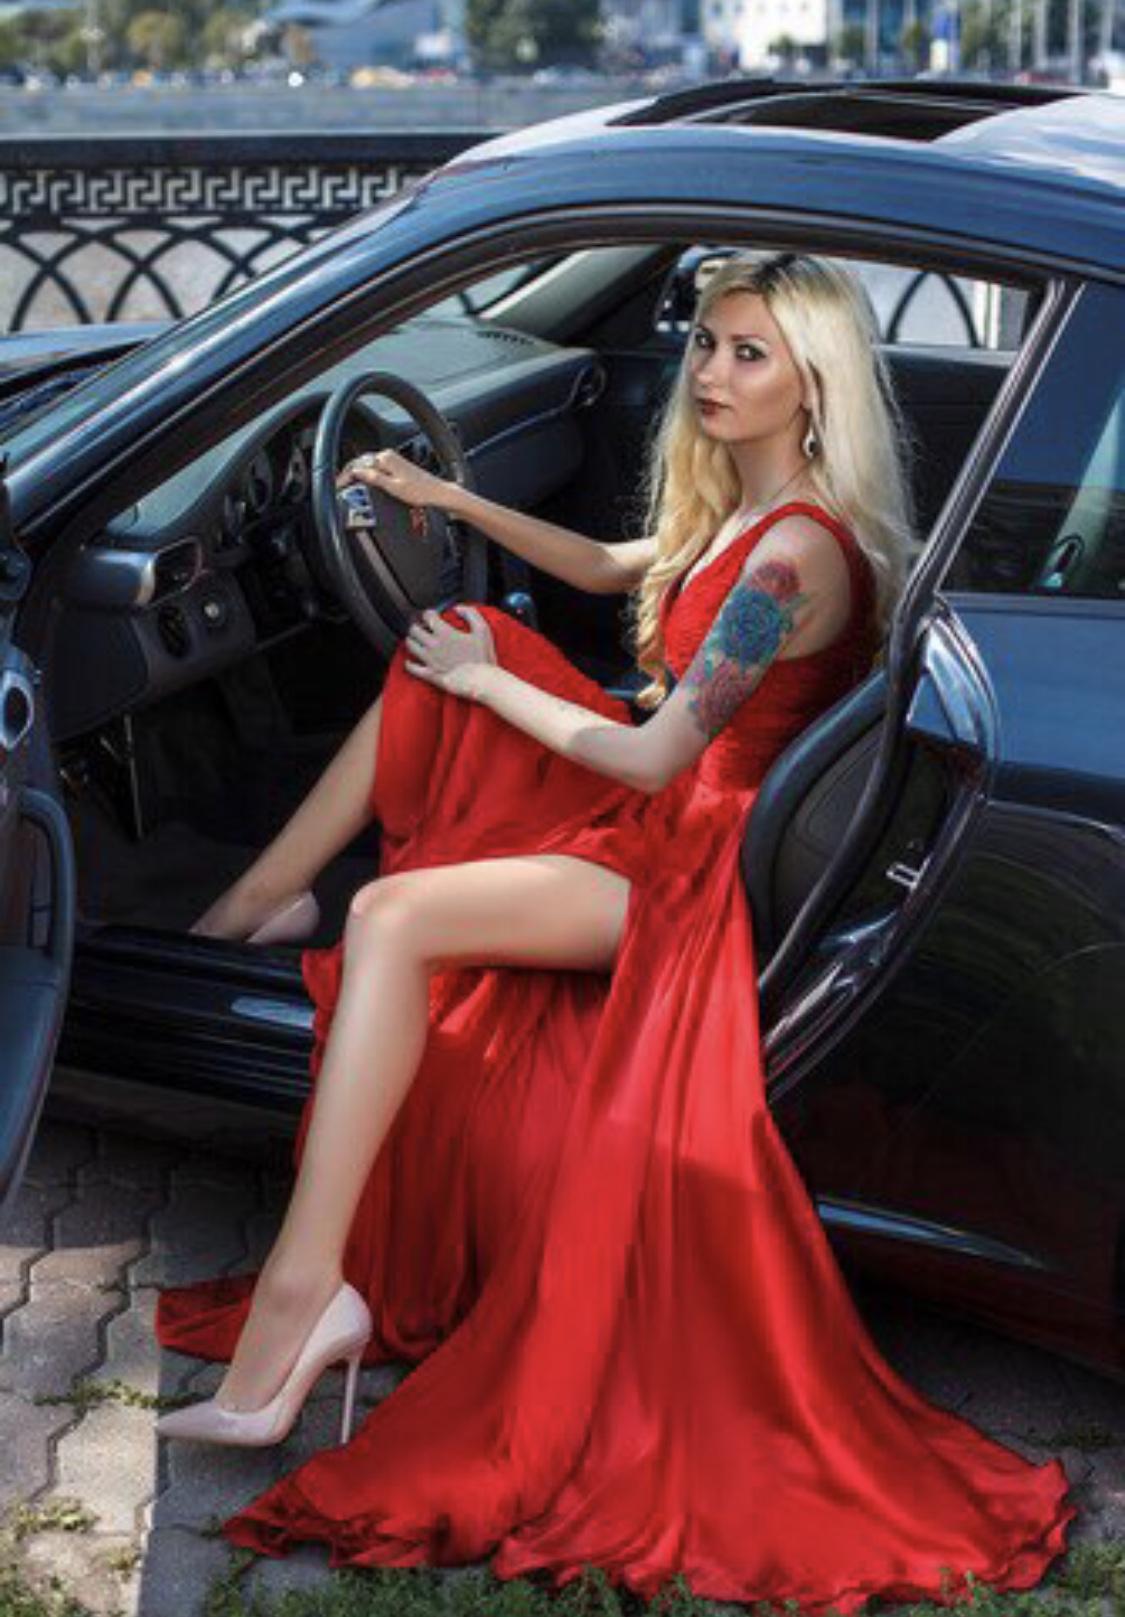 Состоялся официальный релиз песни «Приходи» известной певицы Виты Монтгомери